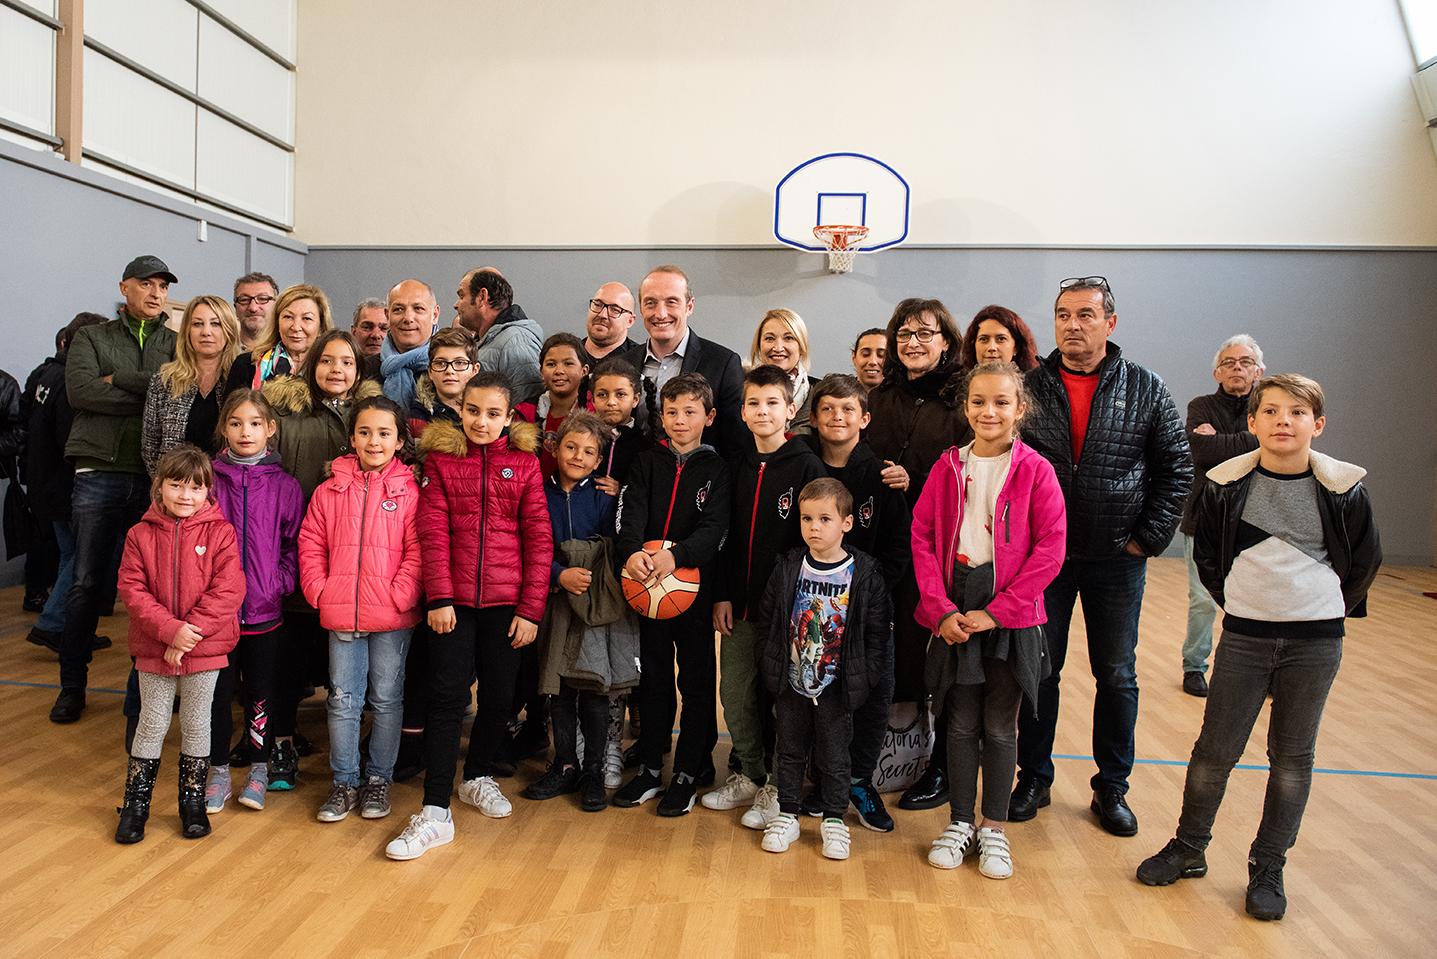 Laurent Marcangeli entouré d'élus, de représentants d'associations sportives et de jeunes sportifs aussi, a inauguré la rénovation du gymnase Saint-Jean ce mercredi 10 avril (Photos Ville d'Ajaccio).